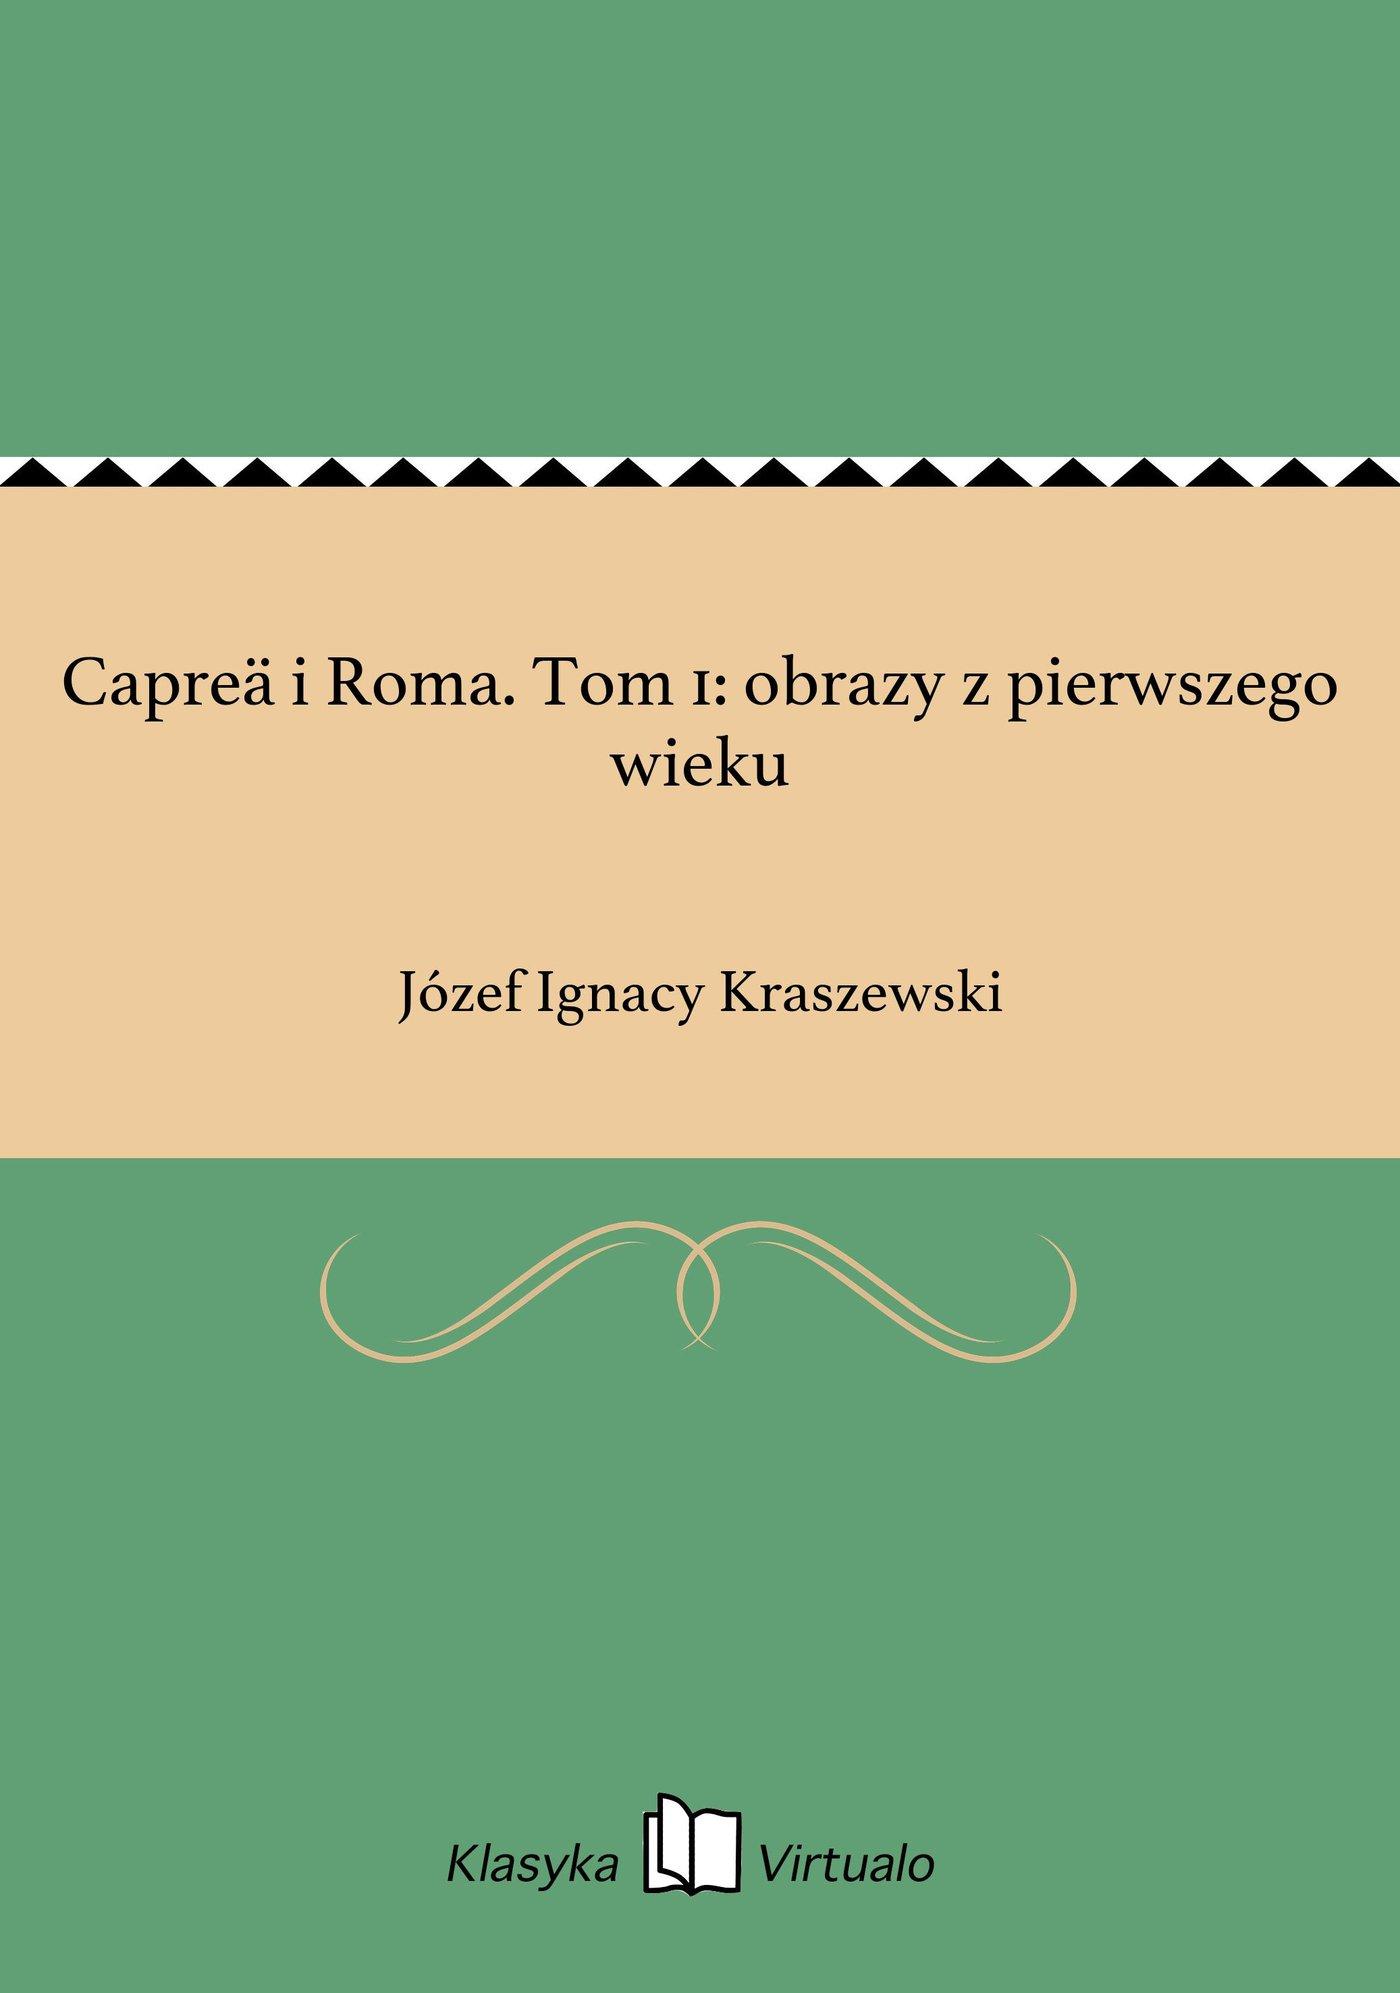 Capreä i Roma. Tom 1: obrazy z pierwszego wieku - Ebook (Książka EPUB) do pobrania w formacie EPUB